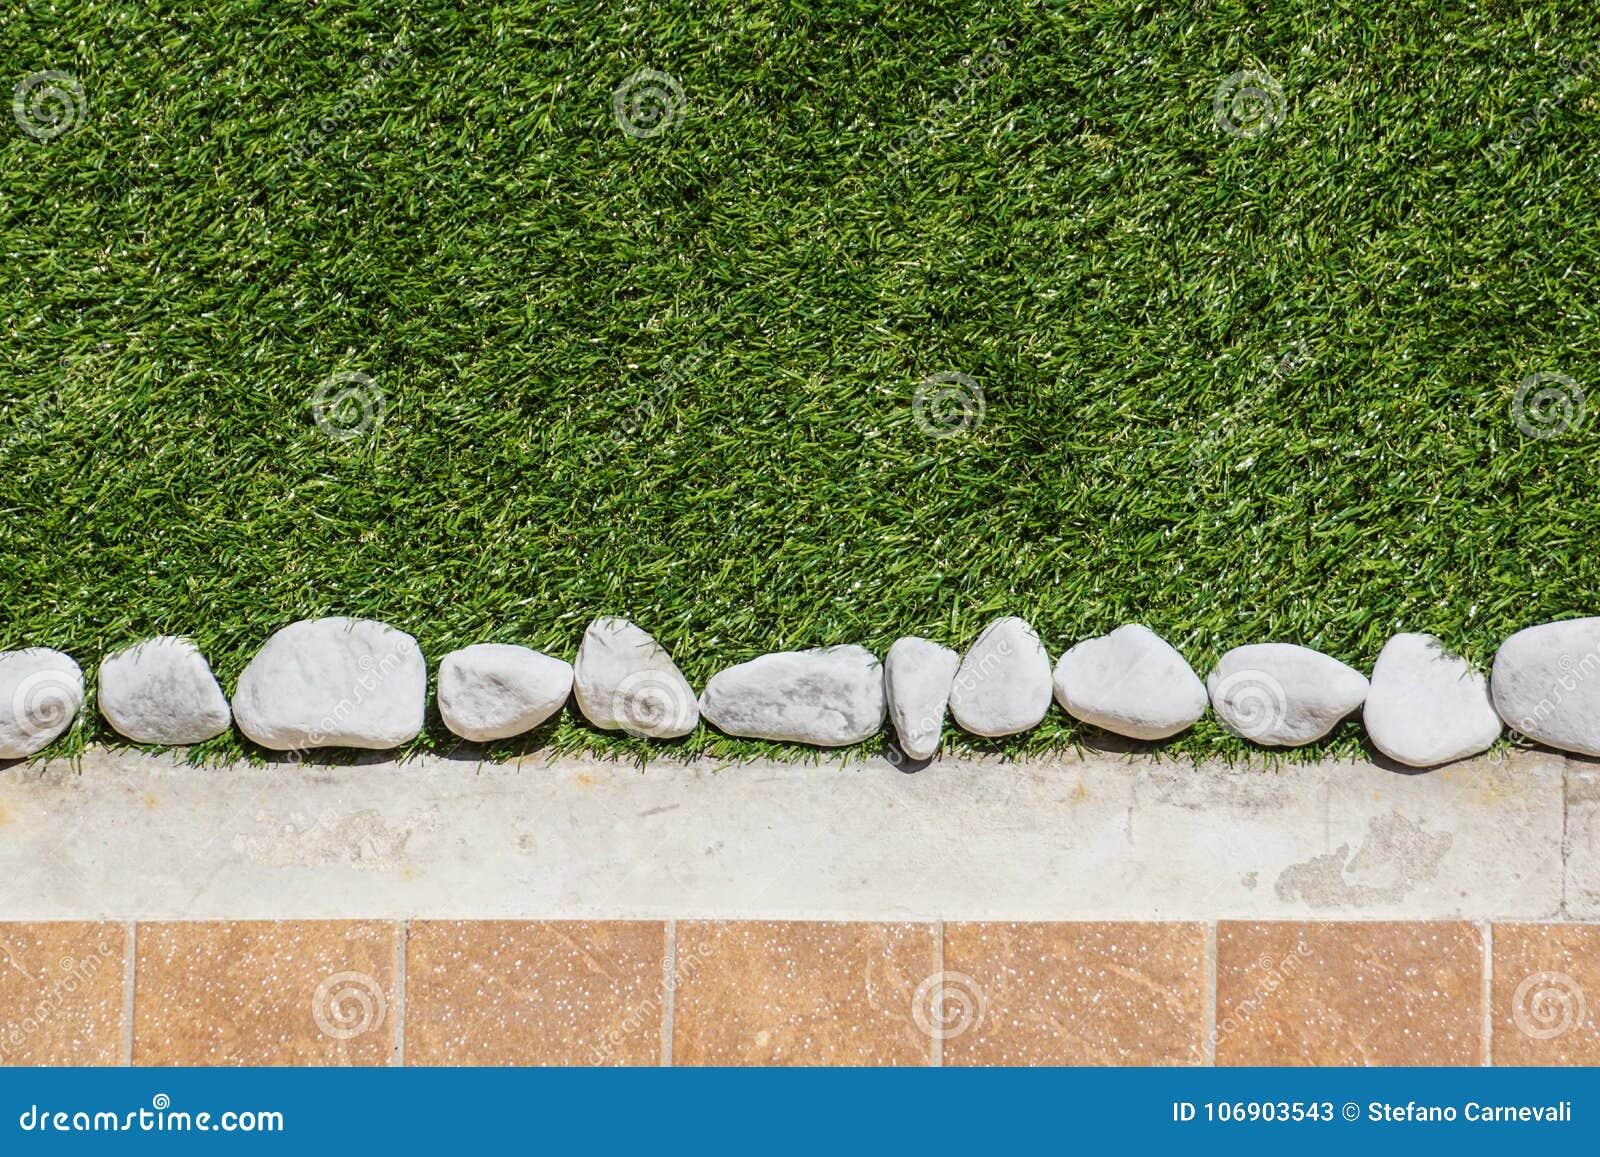 Download Bodendesign Mit Fliesen Und Dekorativem Kies Verschiedene  Materialien Für Den Fußboden Im Garten Berufsgartenarbeit Stockbild